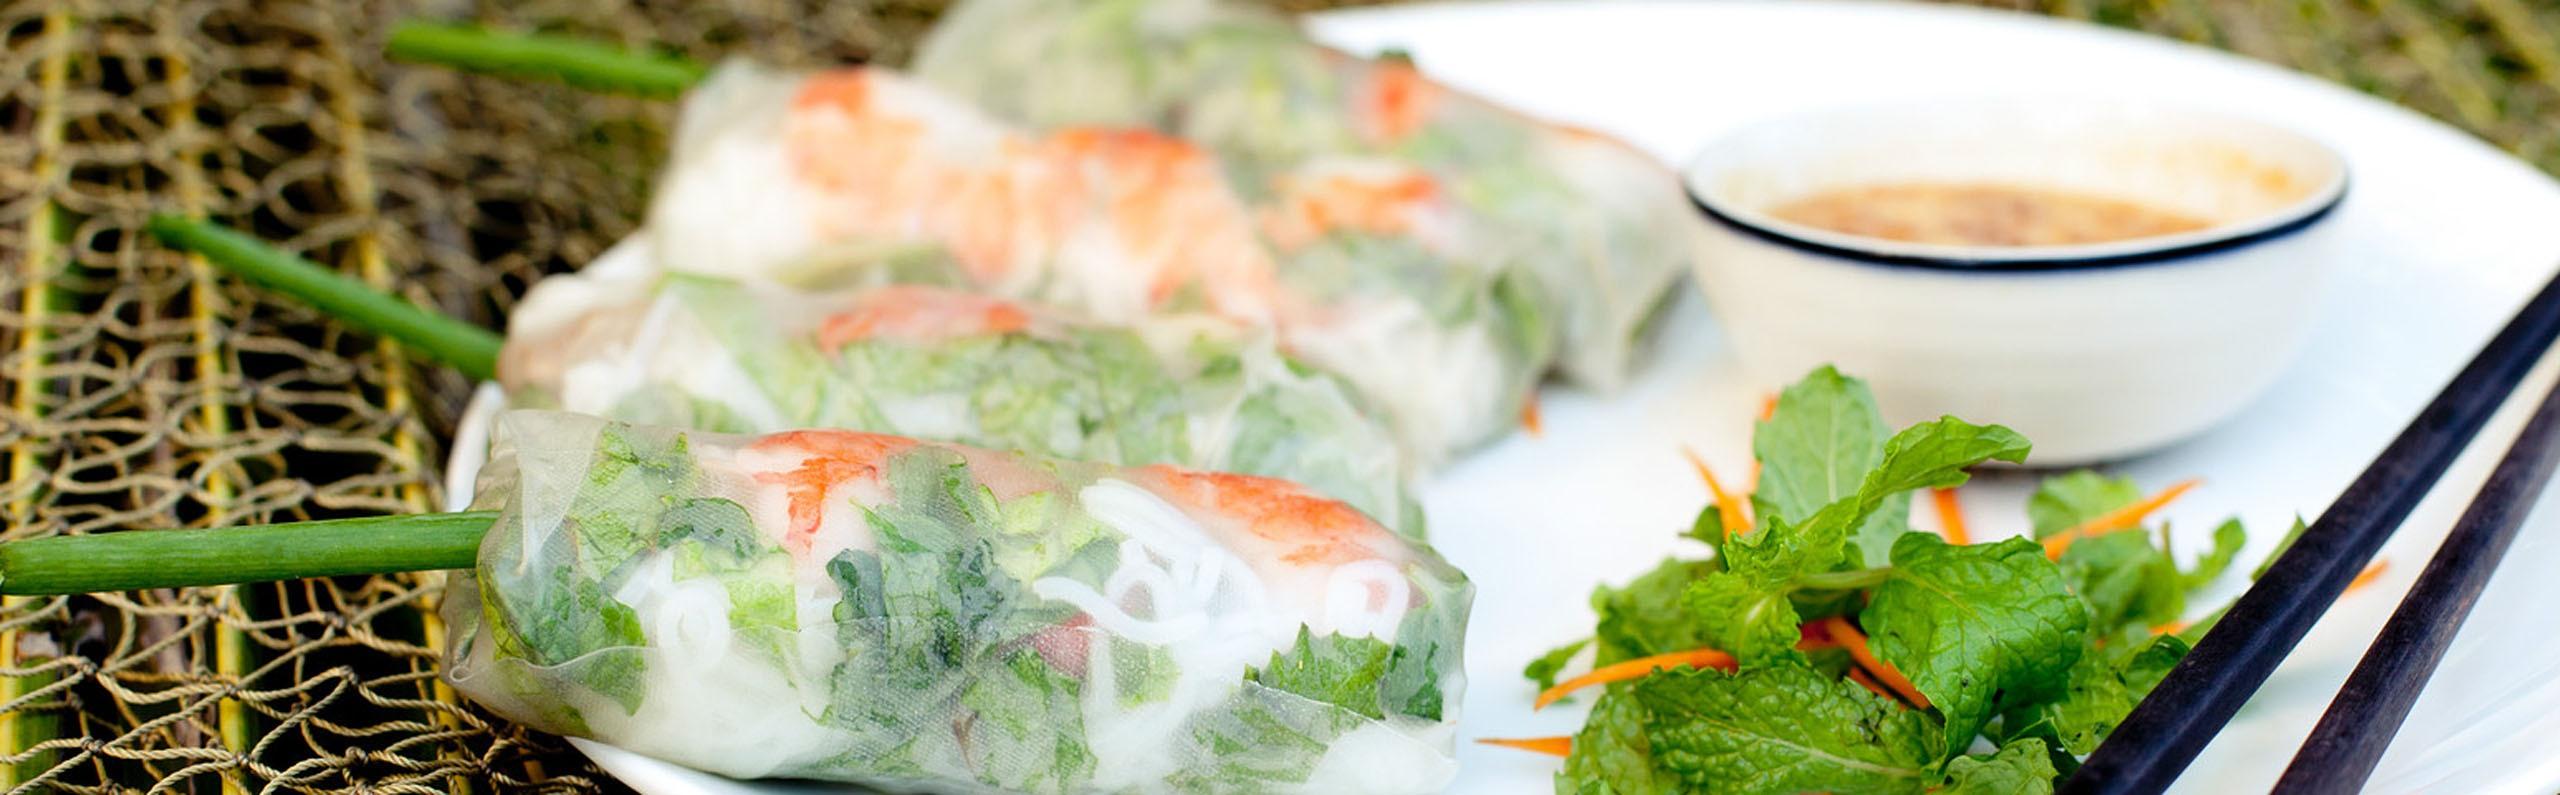 Top 10 Vegetarian Dishes in Vietnam